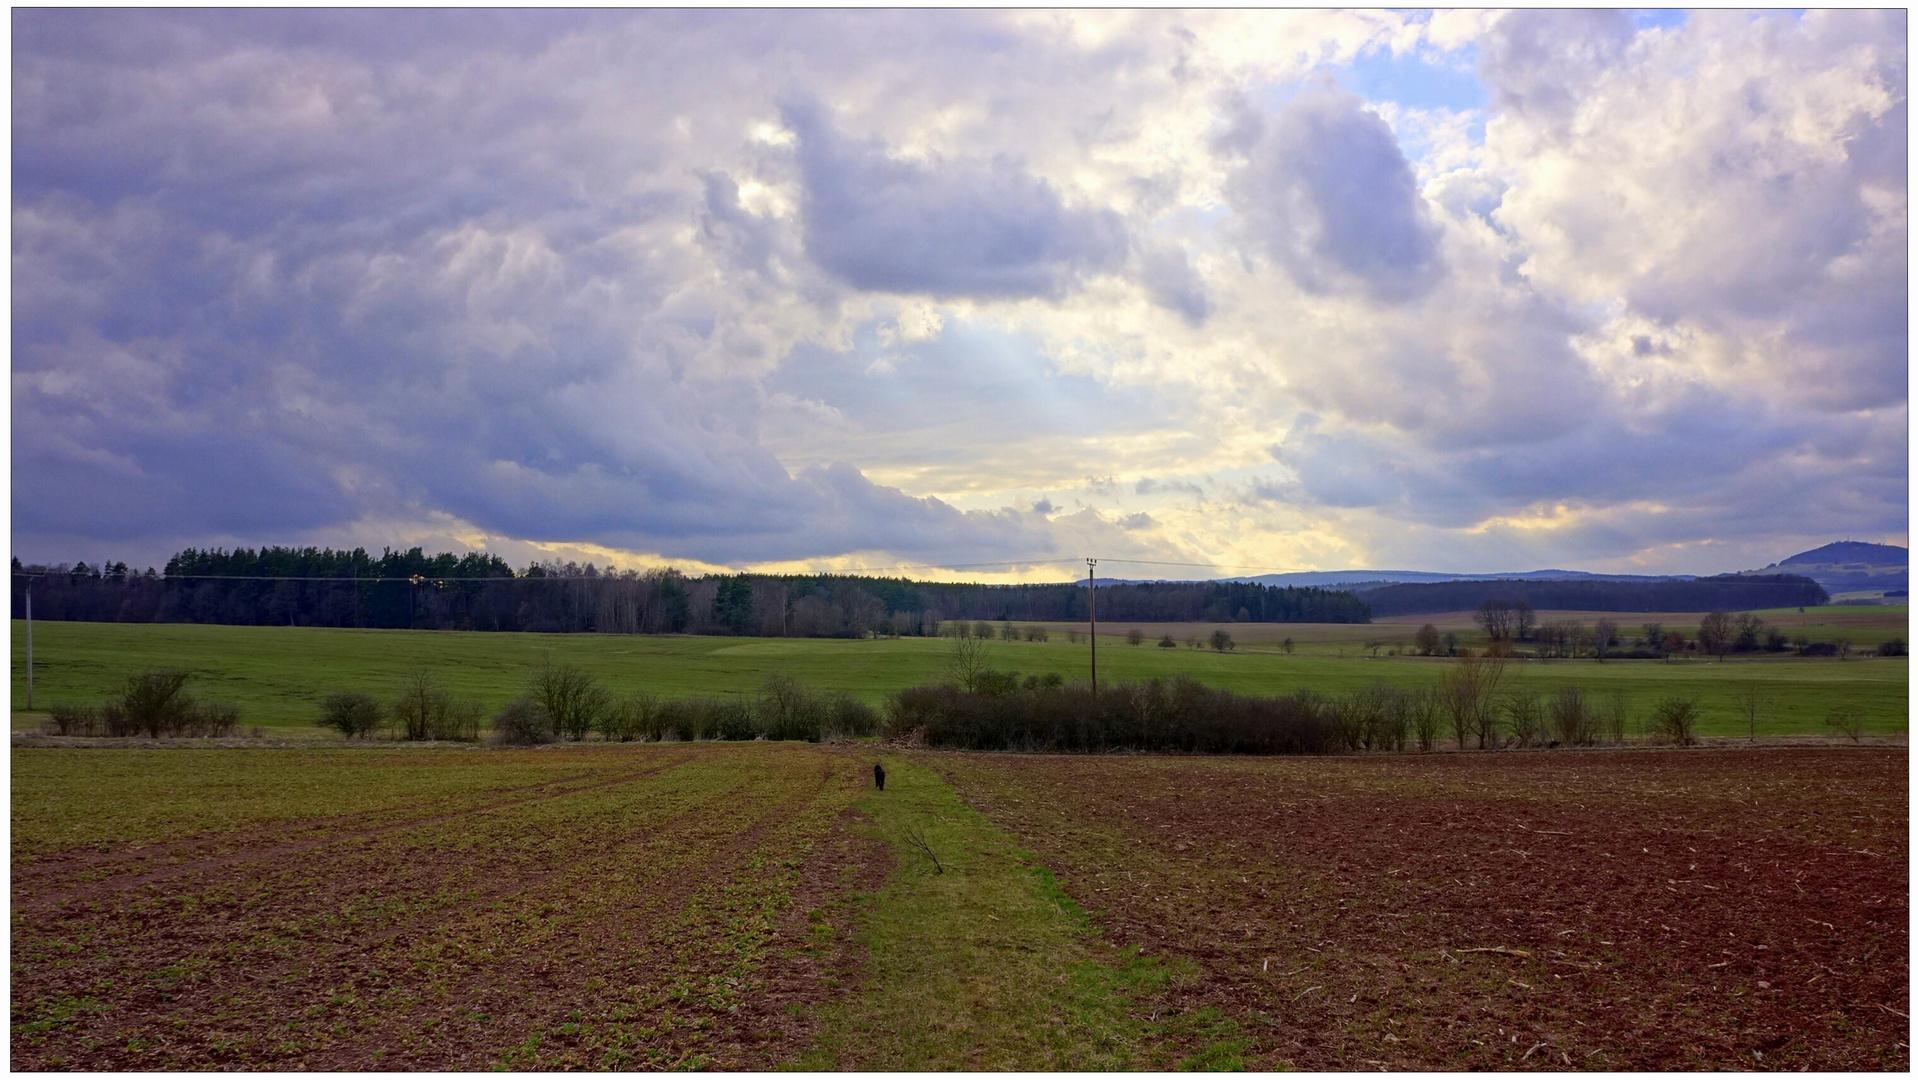 tolle Wolkenformationen II (formaciones de nubes fantásticas II)